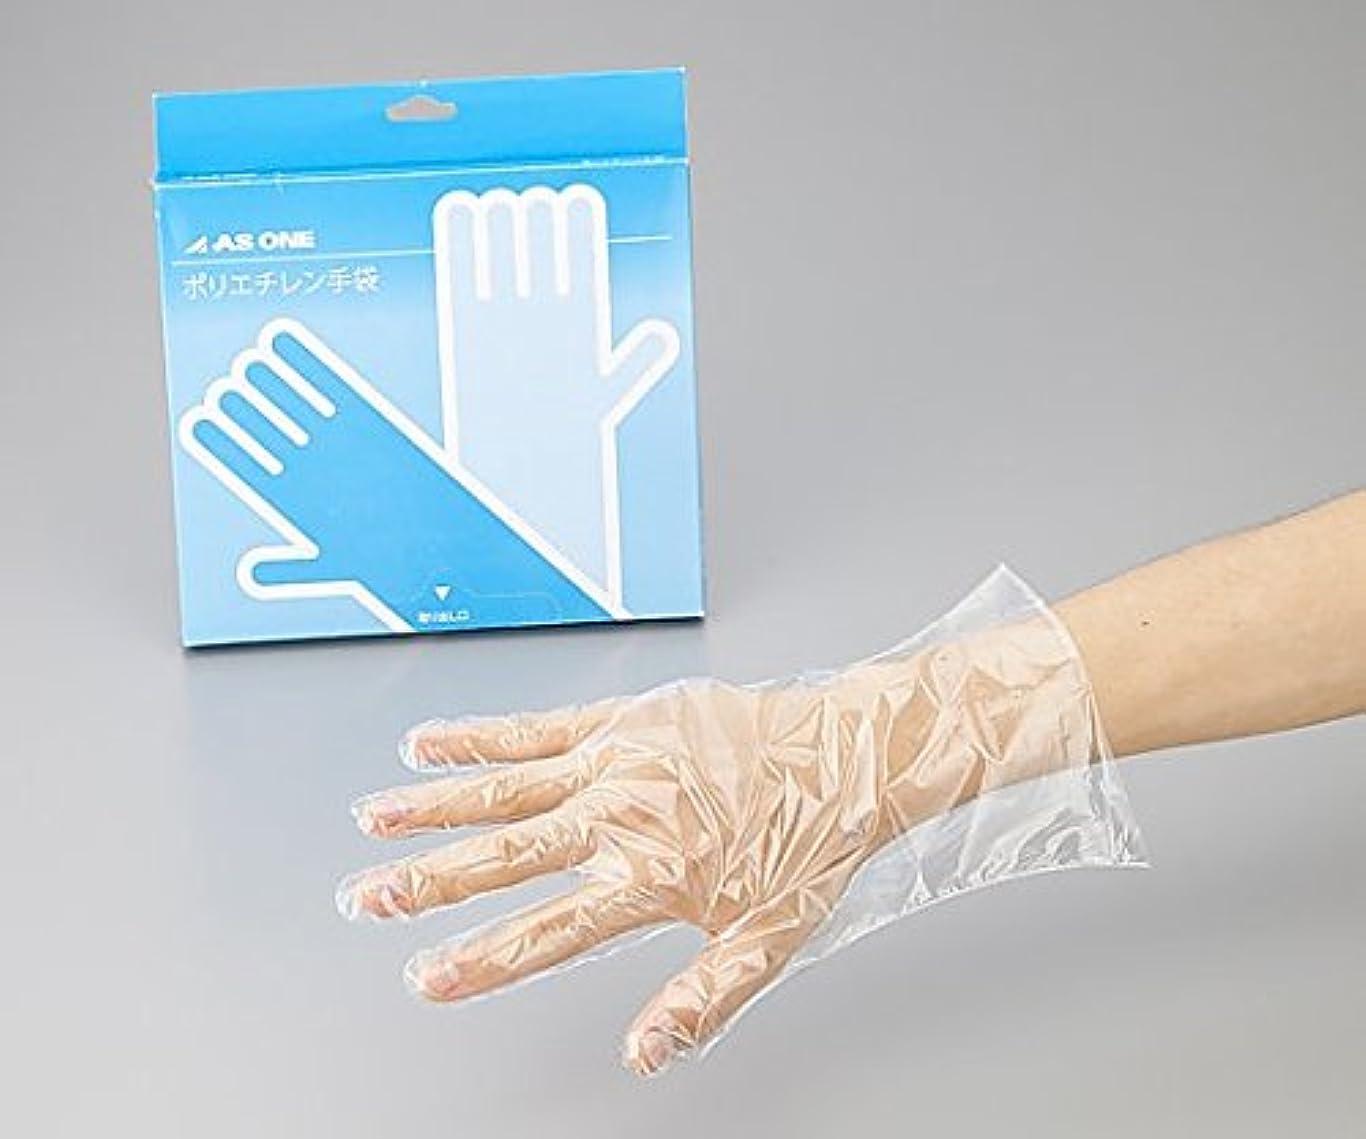 教育する通知する自然公園アズワン2-4972-01ポリエチレン手袋エコノミー薄手L100枚入